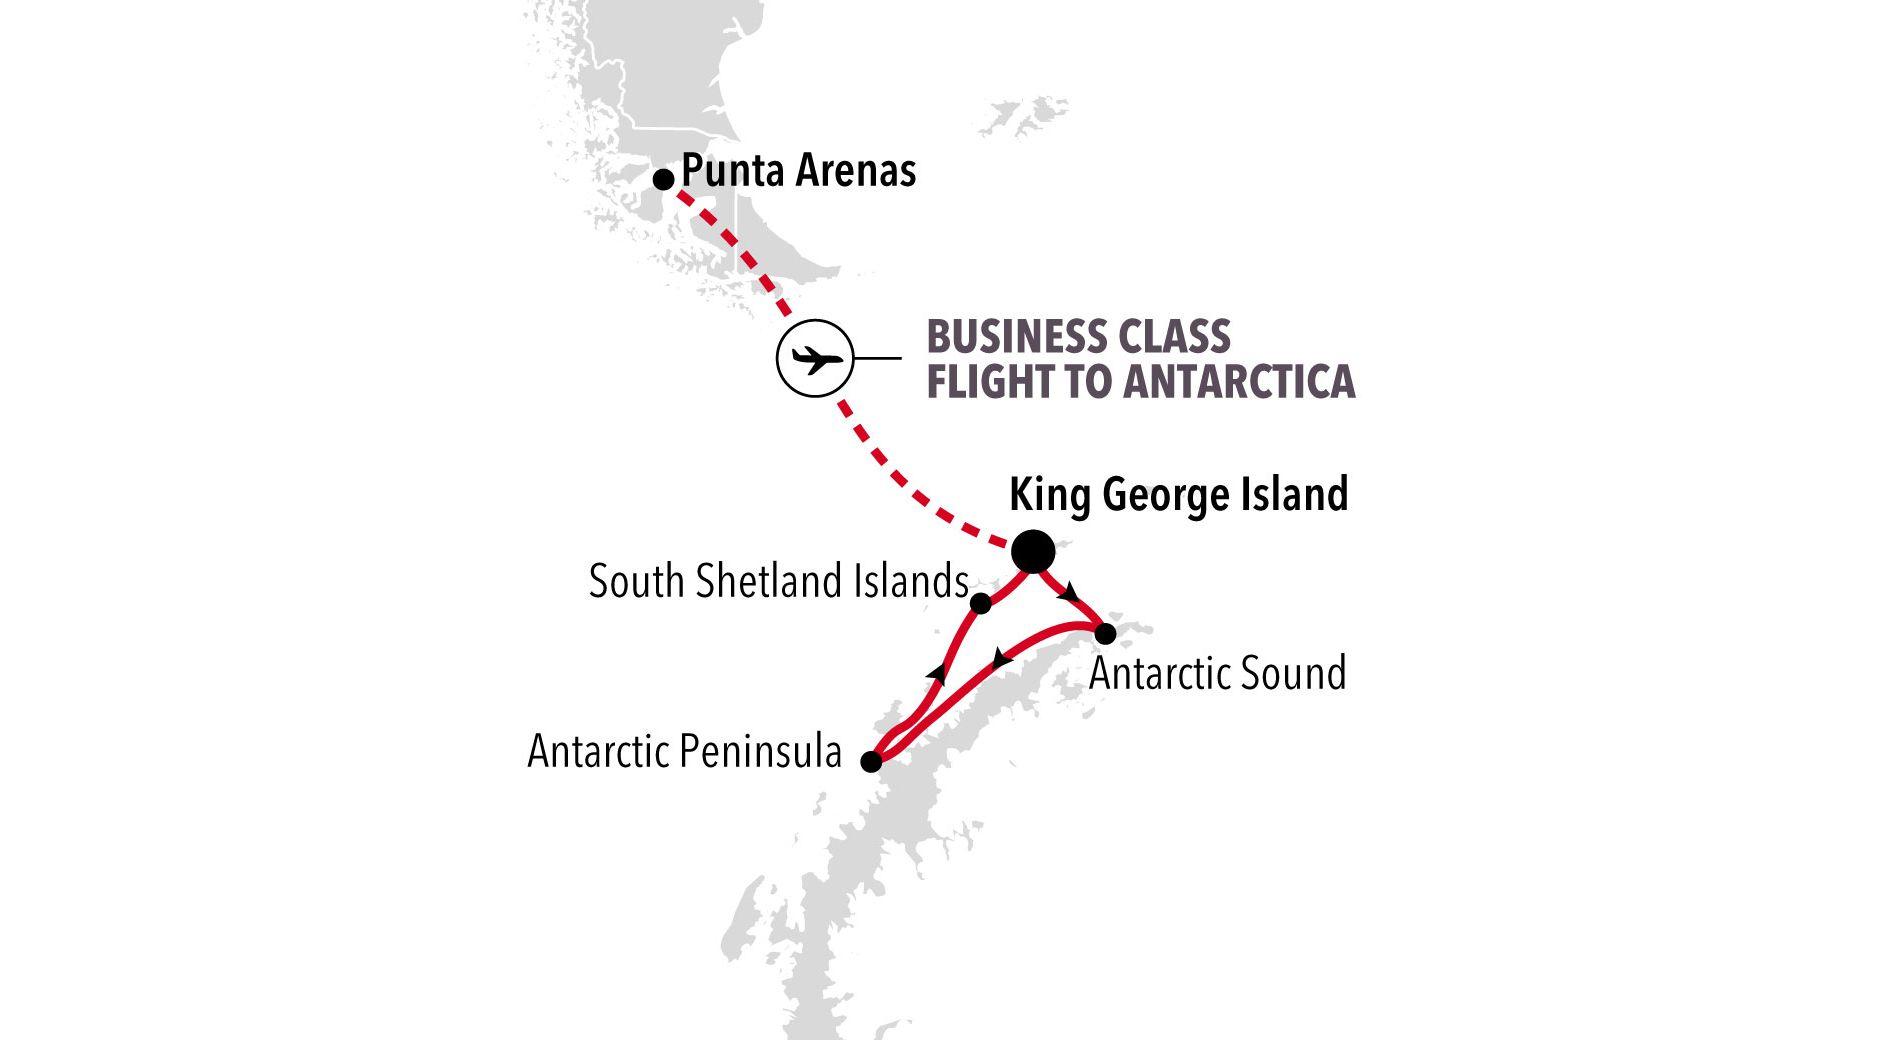 E1220305006 - King George Island nach King George Island